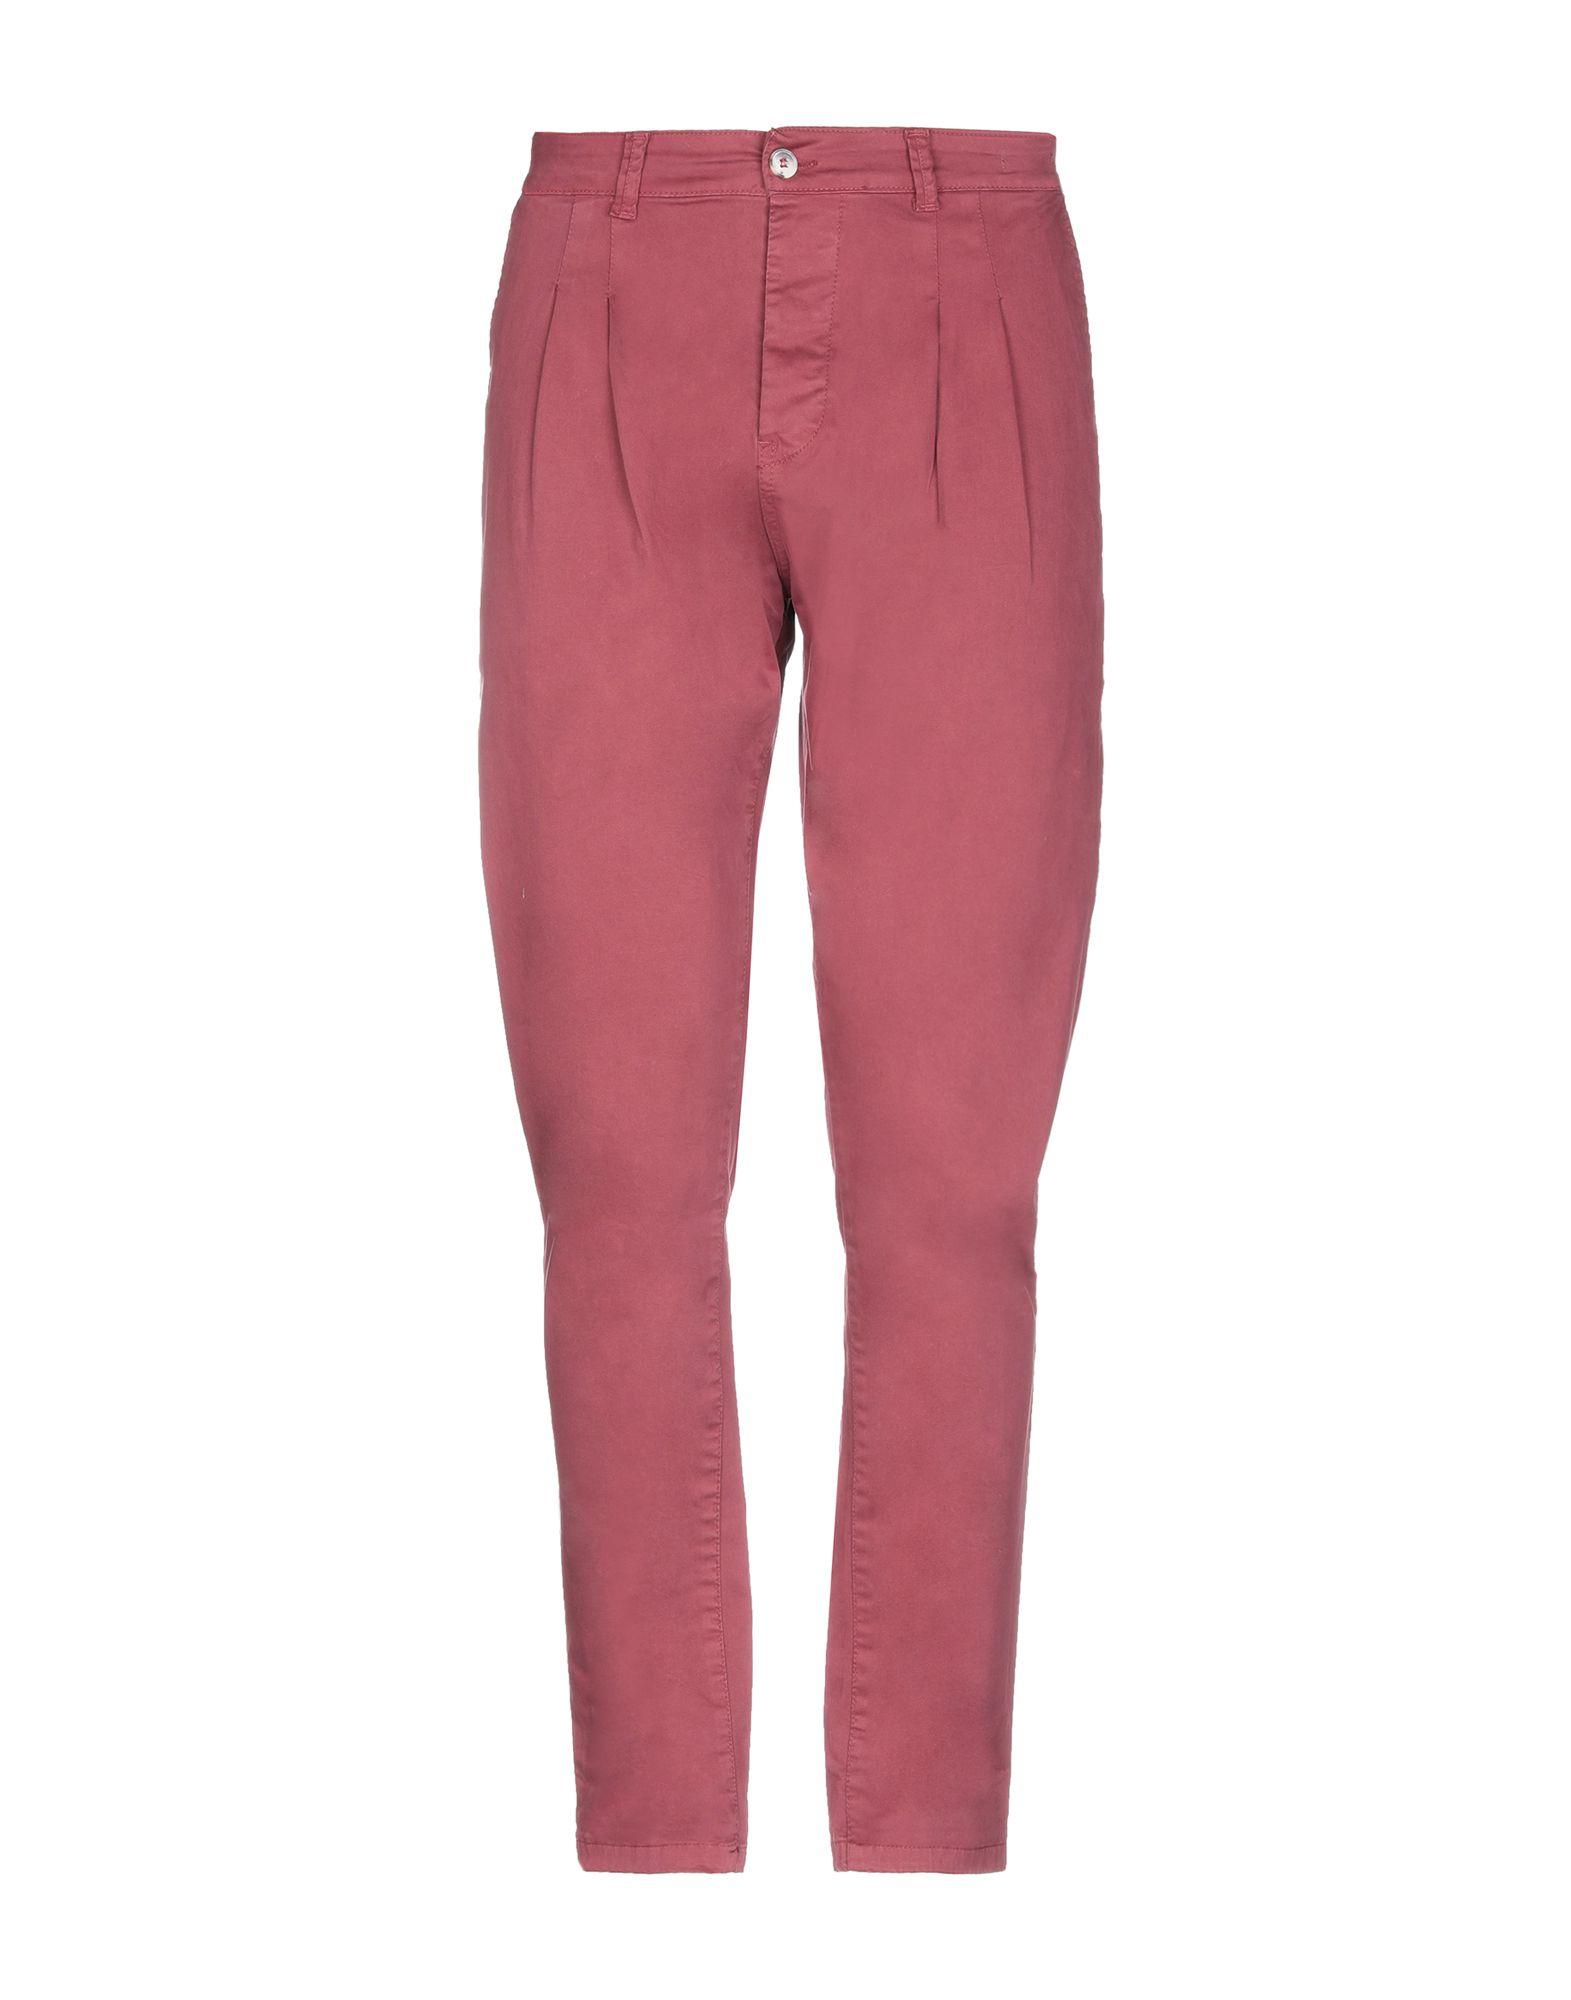 Pantalone The Hotelstyle herren - 13238931ON